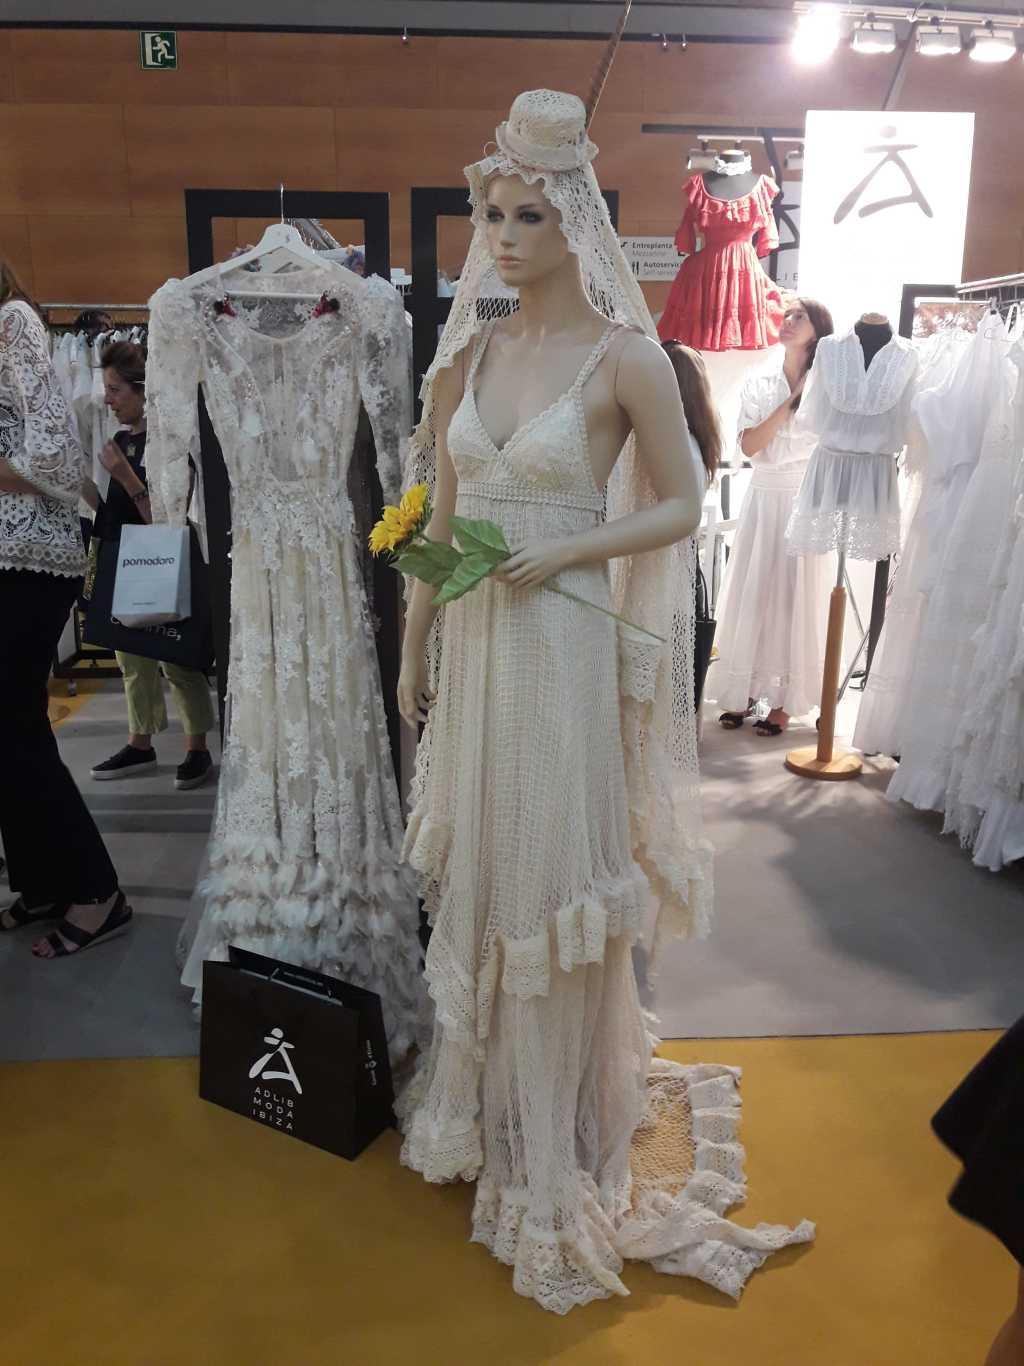 tendenciasen moda para Primavera-Verano 2018